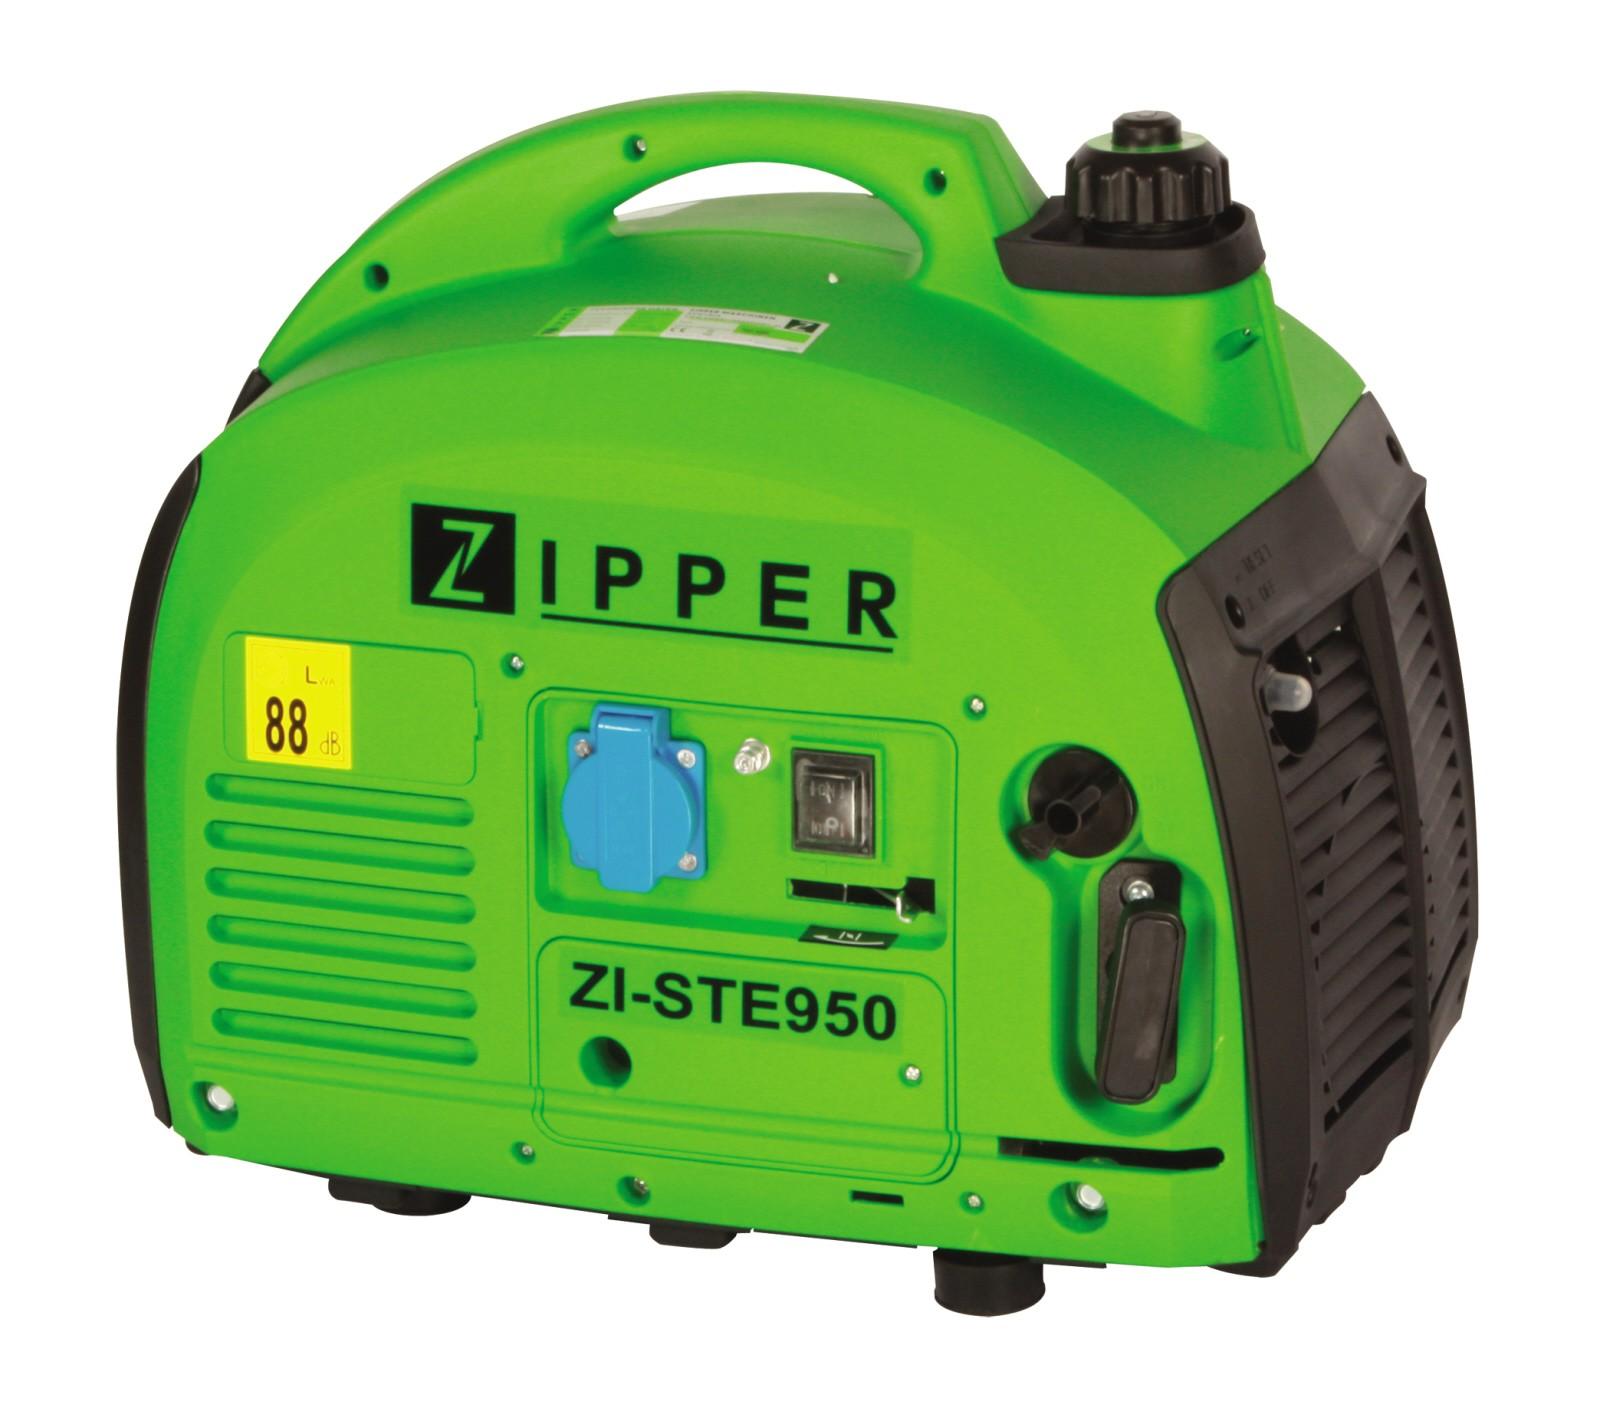 Zipper benzinmotoros áramfejlesztő aggregát generátor 1Fázis 0,6 kVA, ZI-STE950